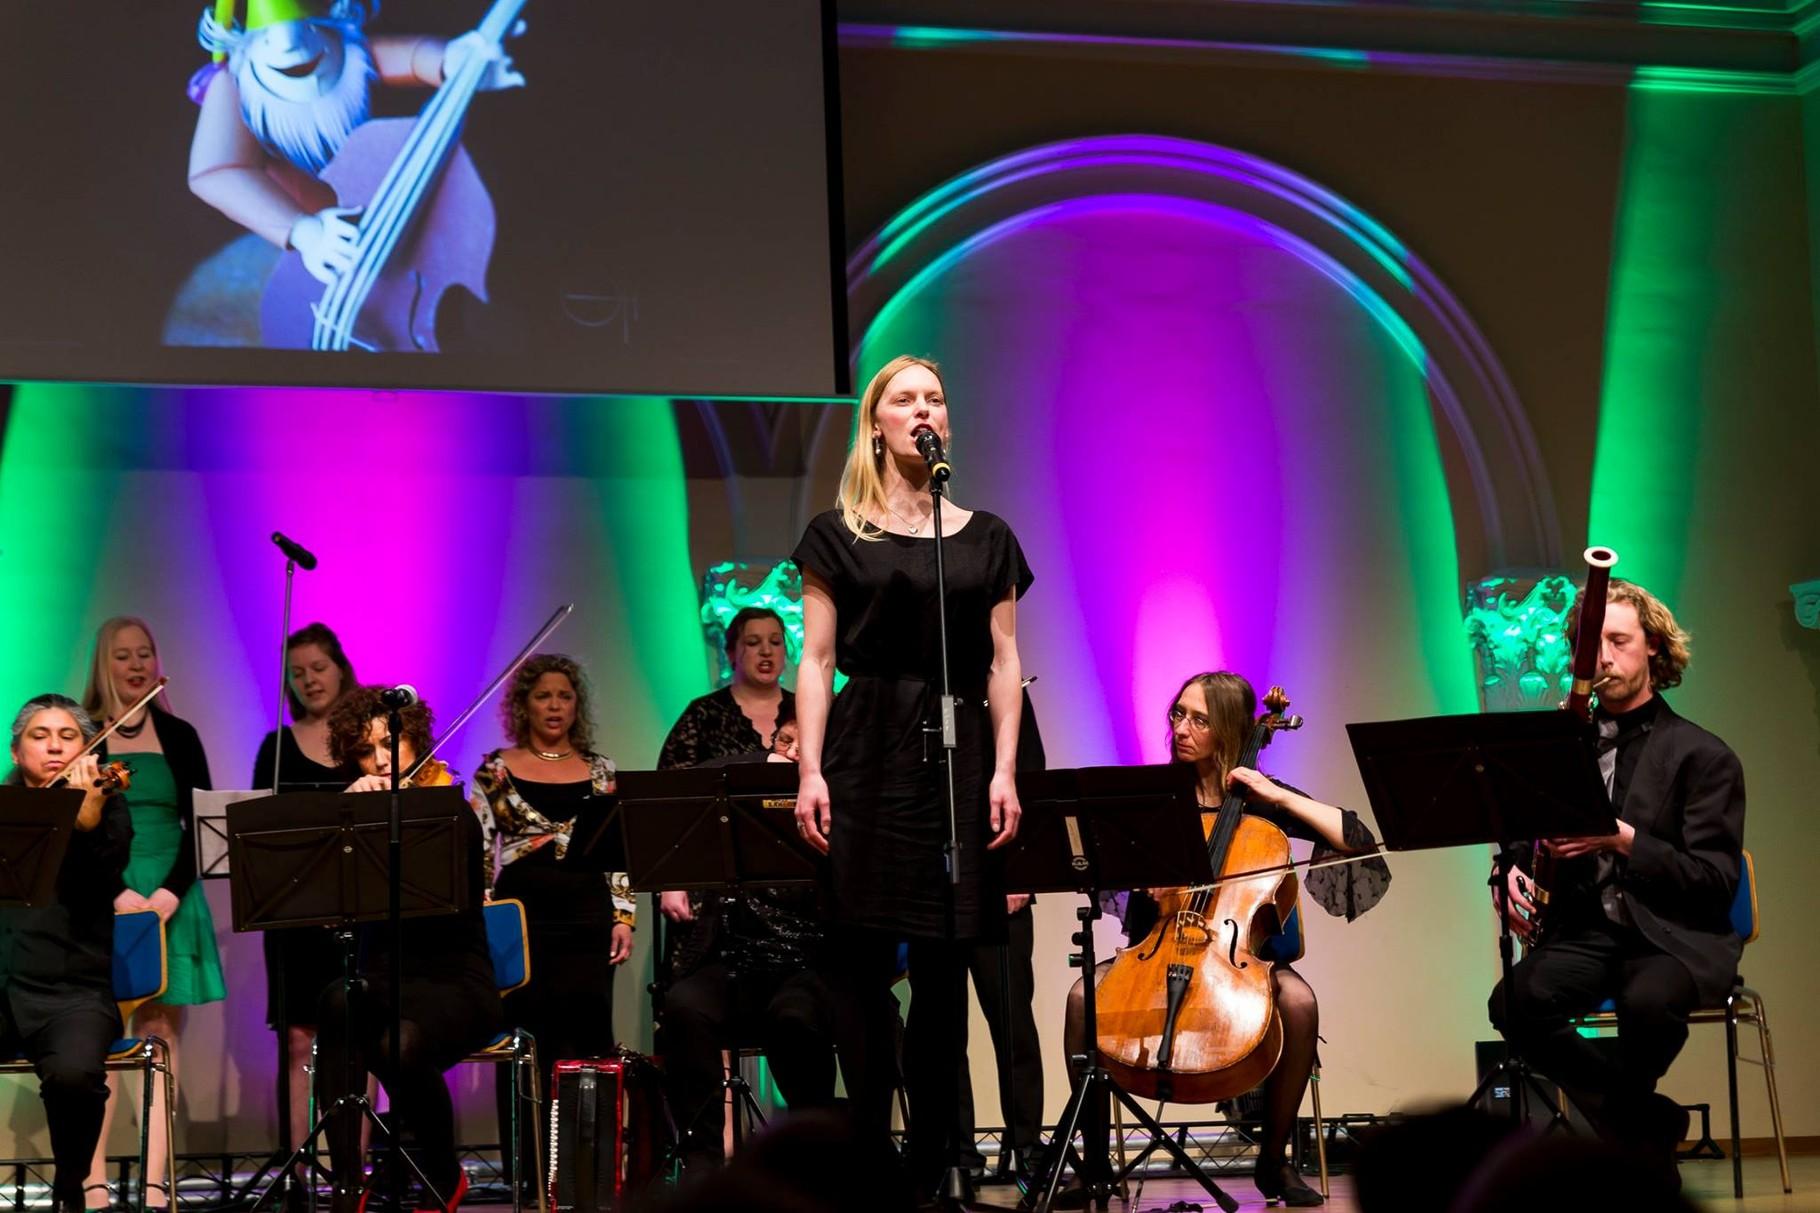 Kammerpop beim Willkommens-Event für Flüchtlinge mit Franziska Hyzy, Kolosseum zu Lübeck